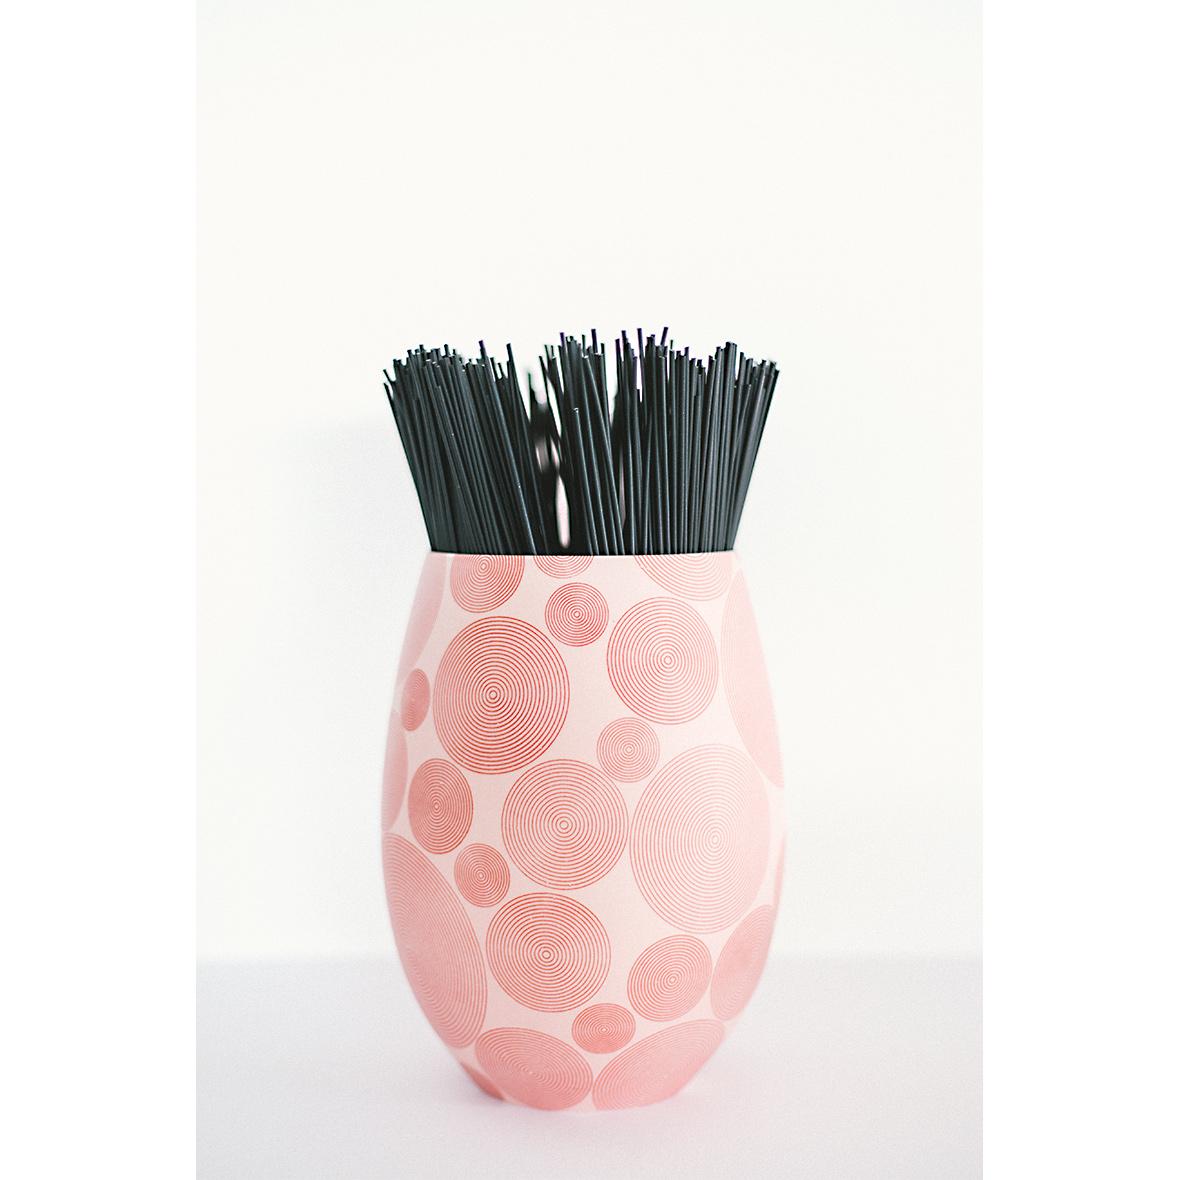 simone-stocker-porzellan-ava-vase-gruen-image